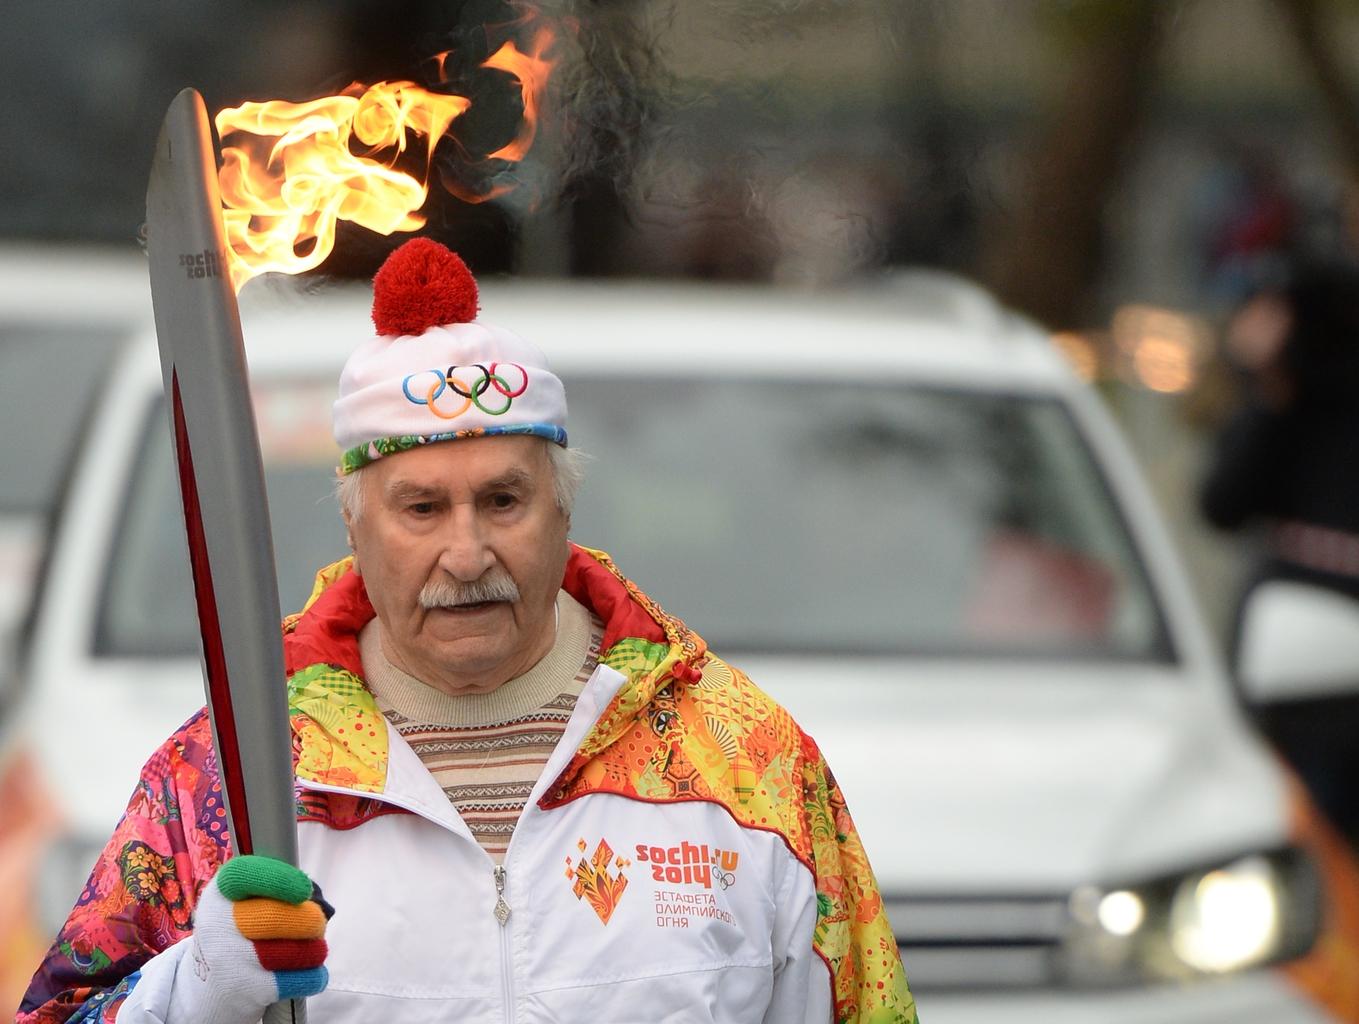 Vlagyimir Zeldin orosz színész az ollimpiai lánggal Moszkvában, a 2014-es Szocsiban rendezett olimpia előtt #moszkvater